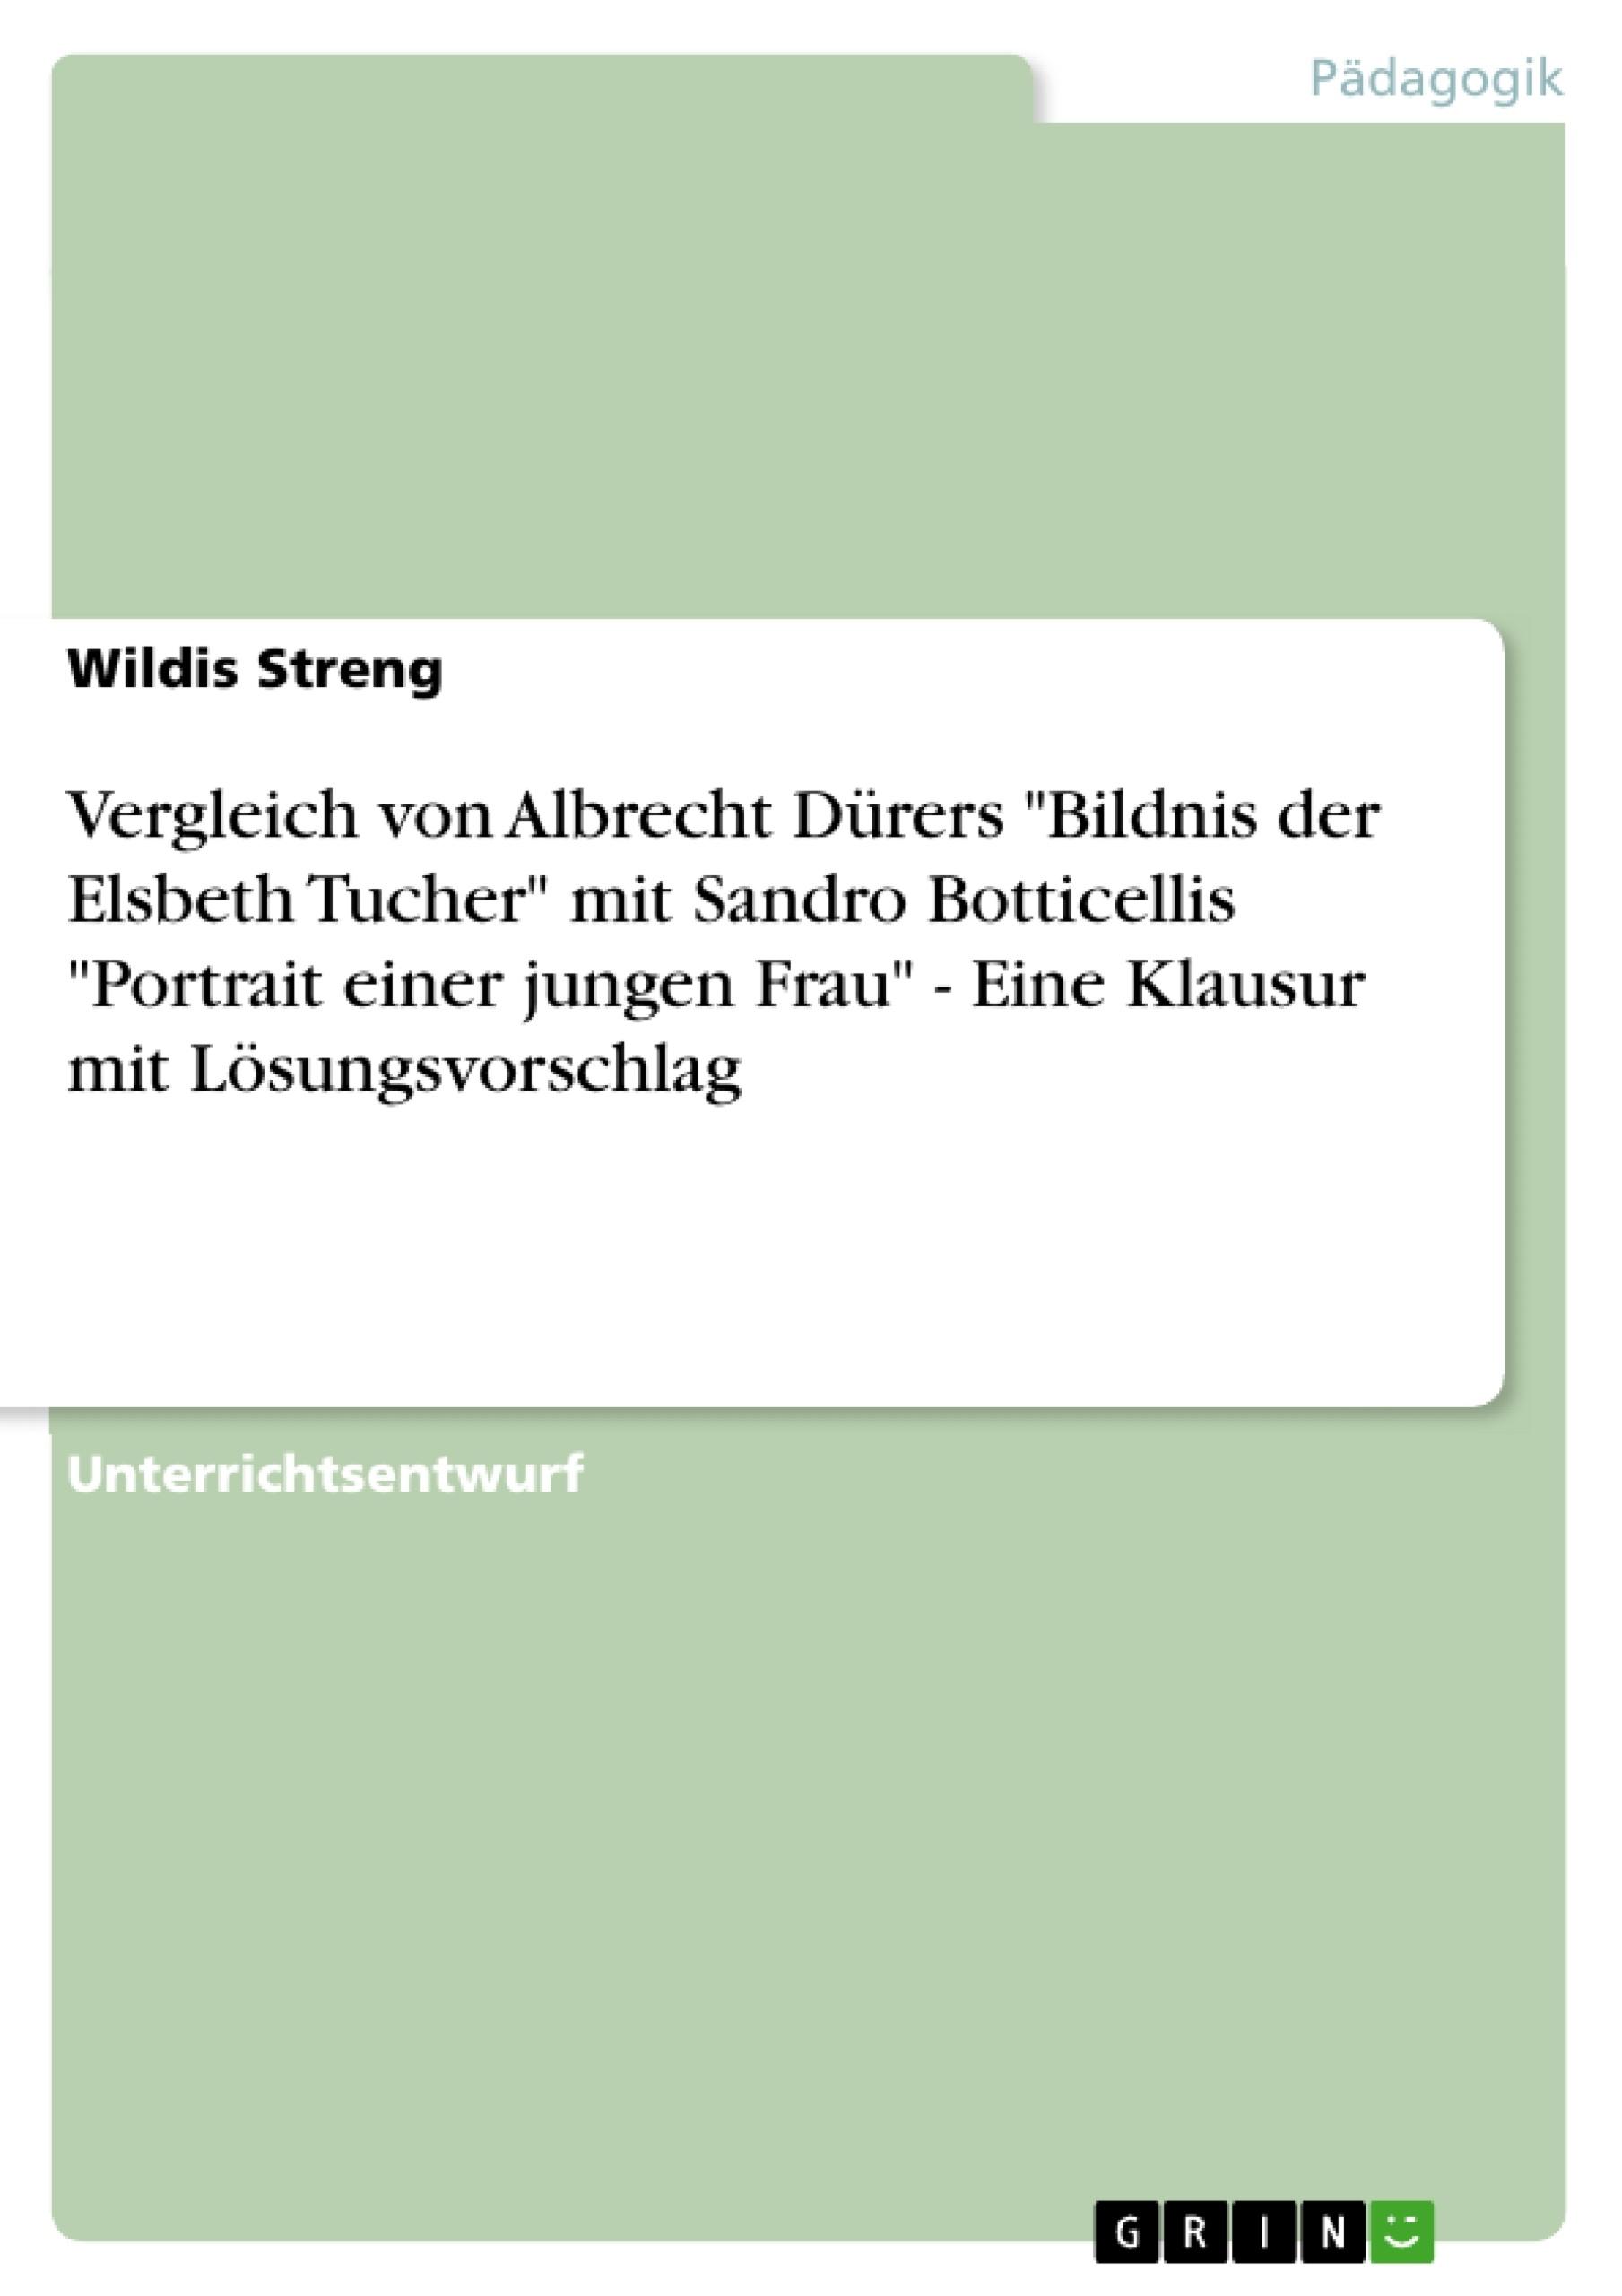 """Titel: Vergleich von Albrecht Dürers """"Bildnis der Elsbeth Tucher"""" mit Sandro Botticellis """"Portrait einer jungen Frau"""" - Eine Klausur mit Lösungsvorschlag"""